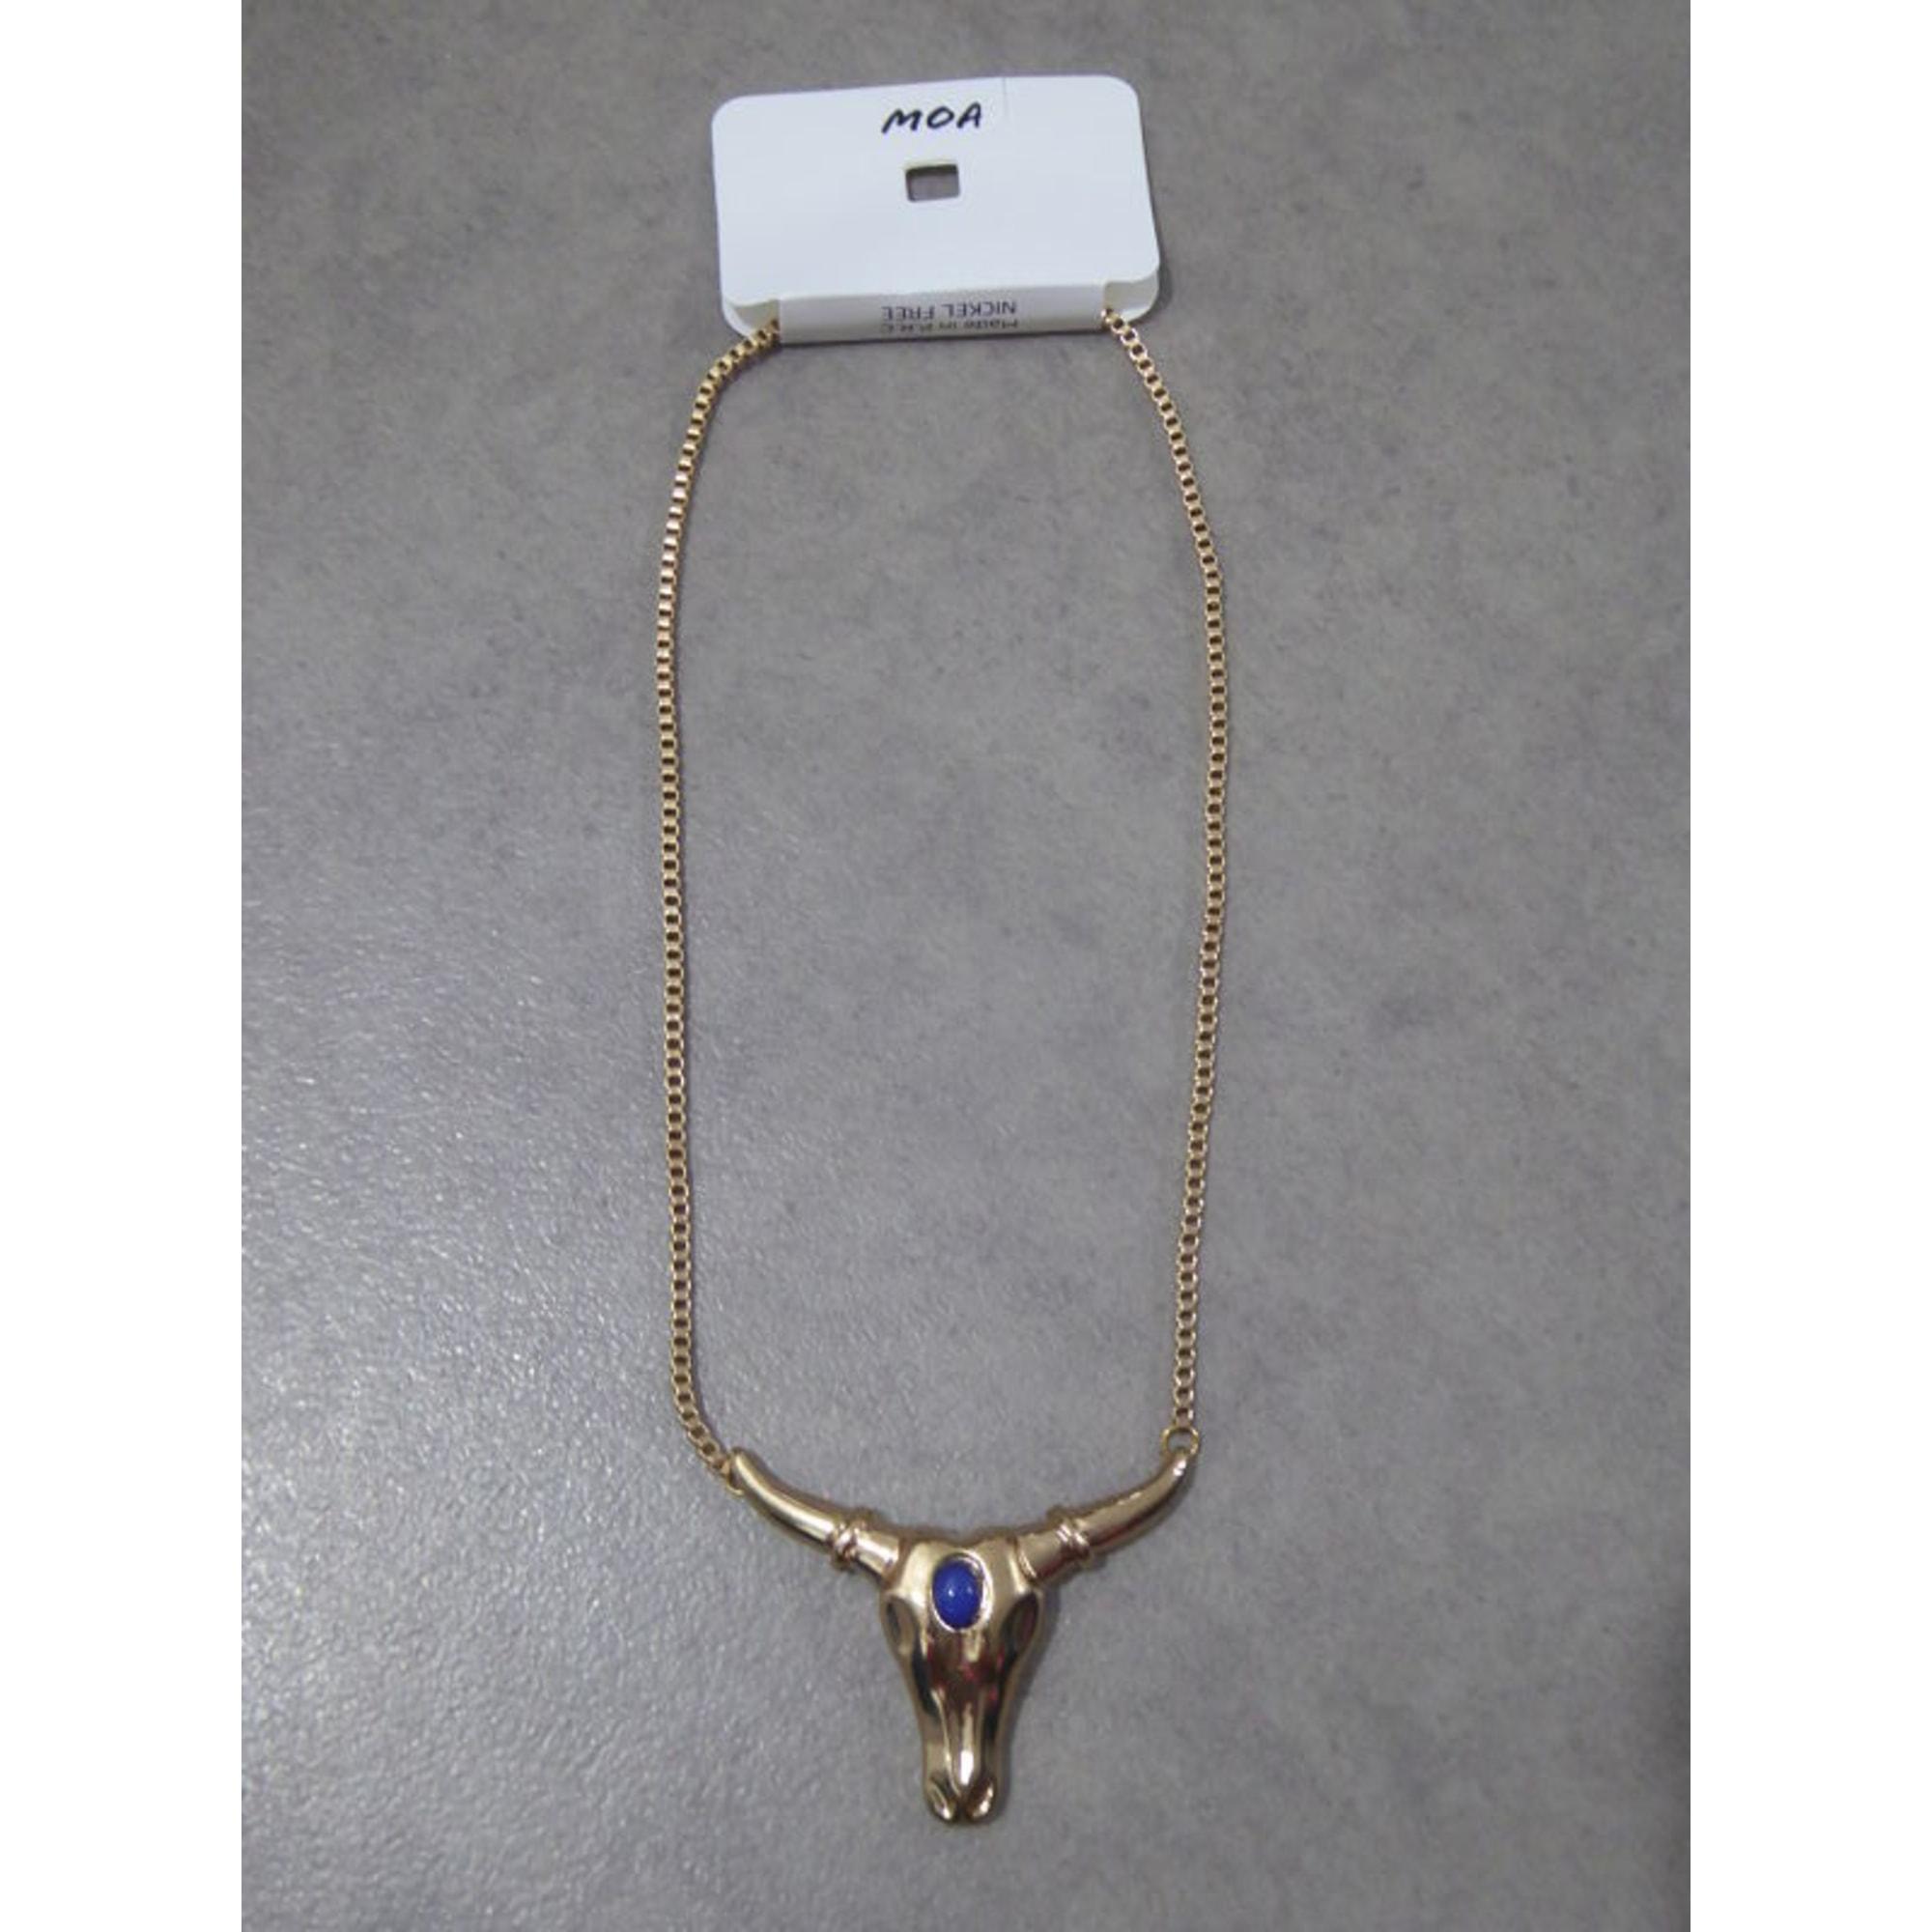 Collier MOA Doré, bronze, cuivre